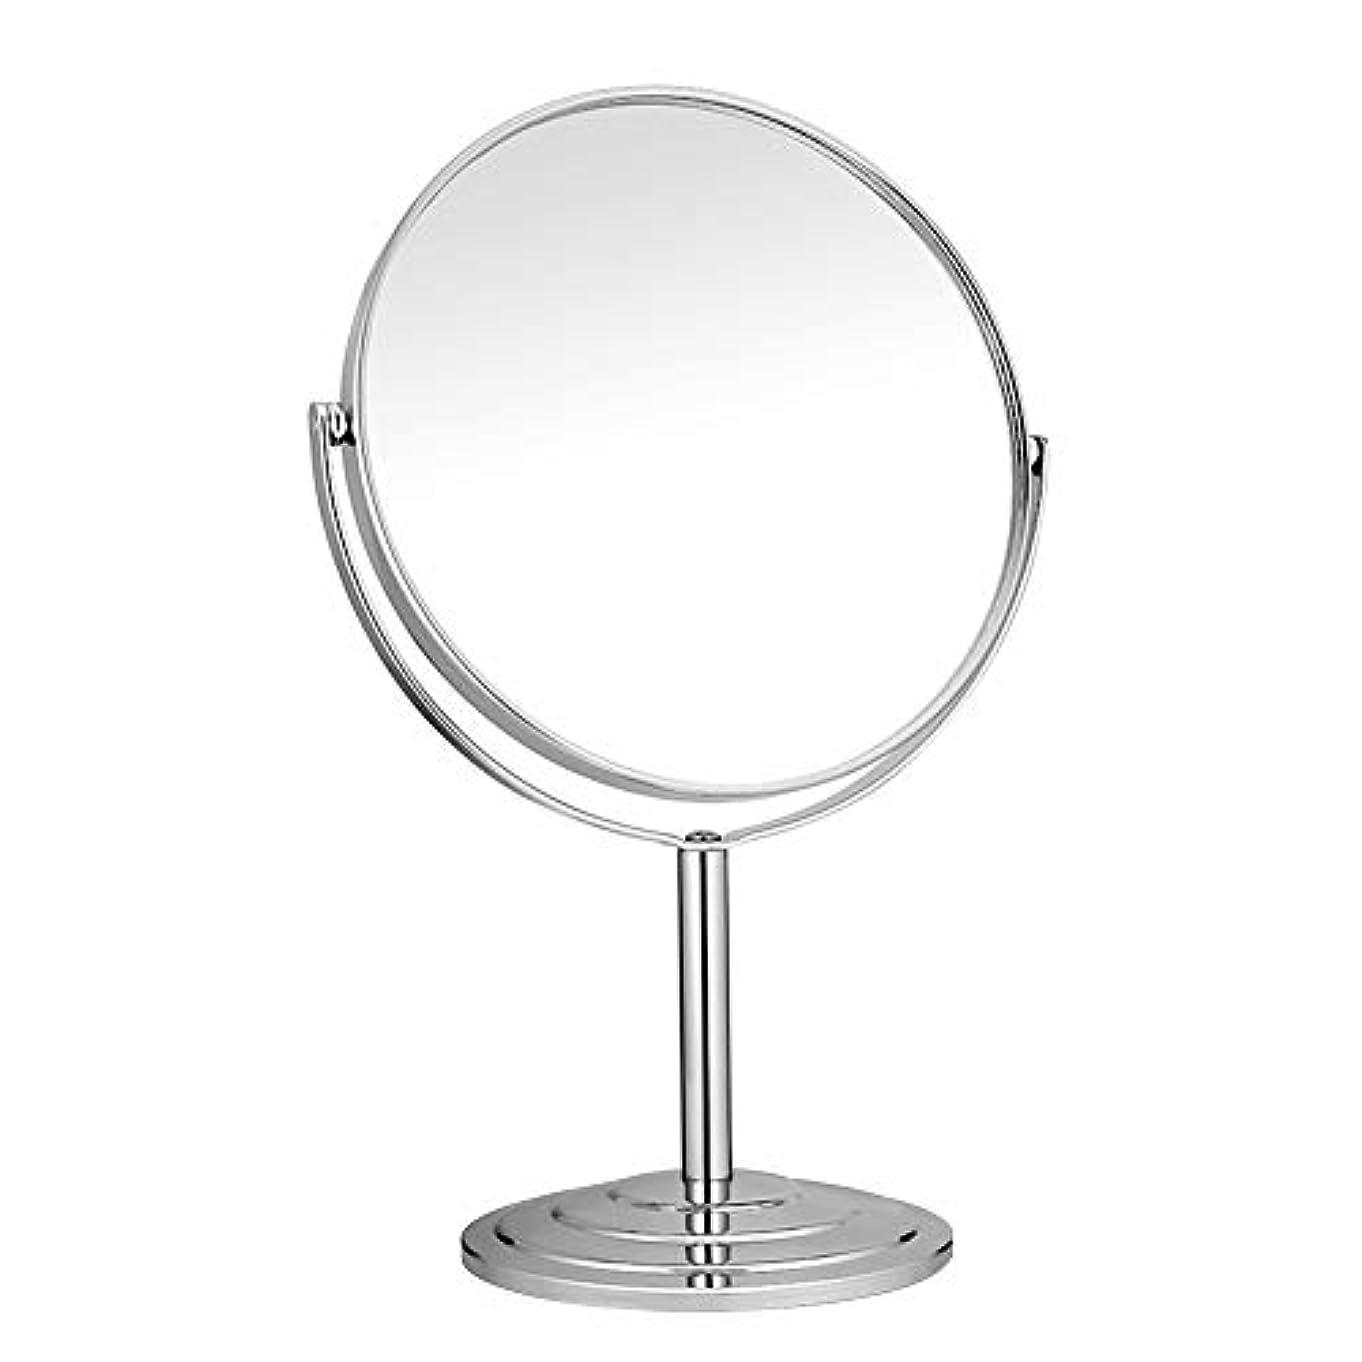 時々時々ランチ洞窟RAAKIMO 卓上化粧鏡 メイクミラー 3倍拡大鏡+等倍鏡 両面型 スタンド 360度回転 シルバー (鏡面15cm)